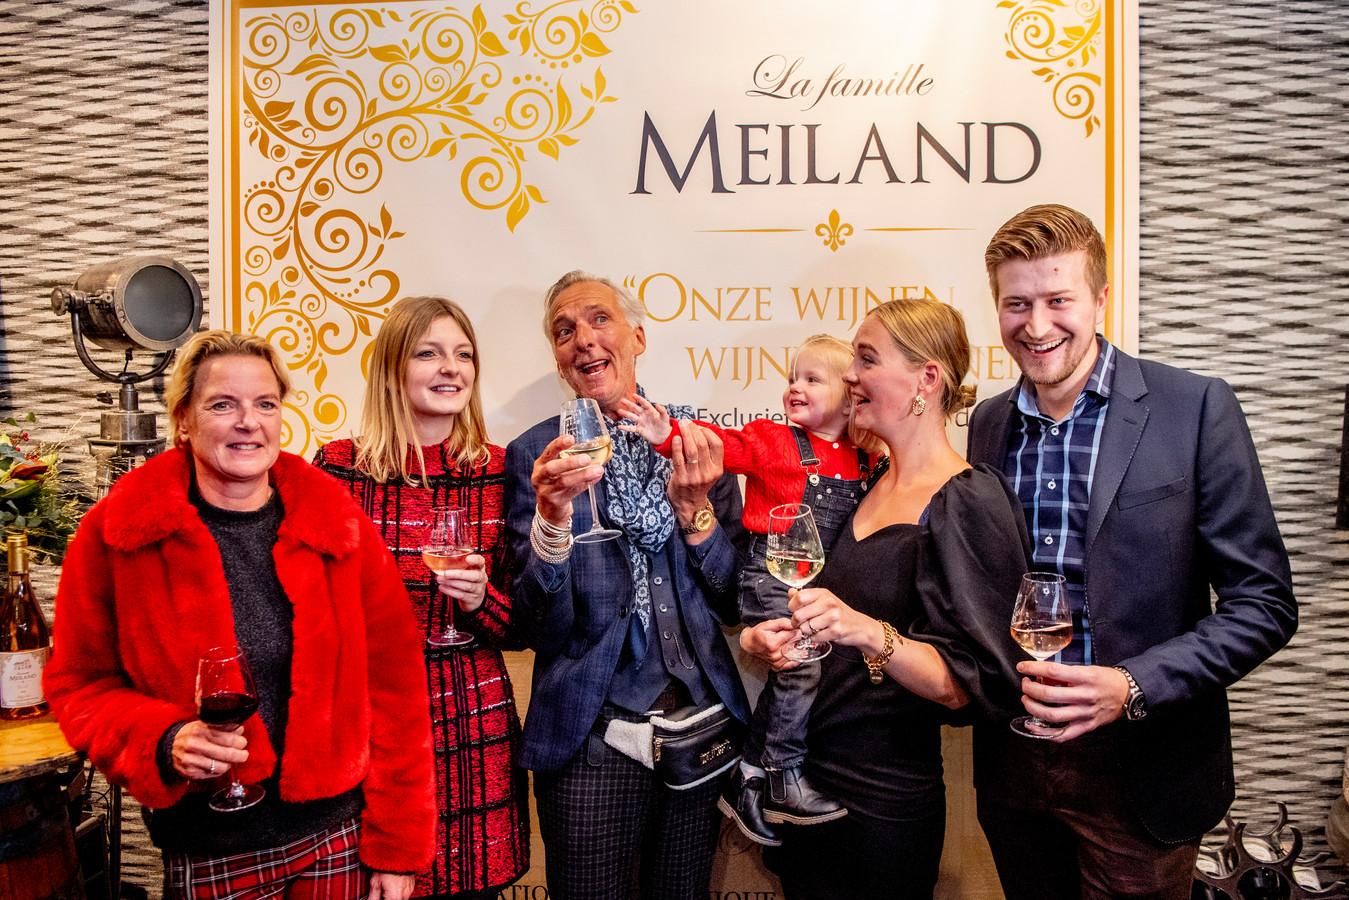 De familie Meiland.